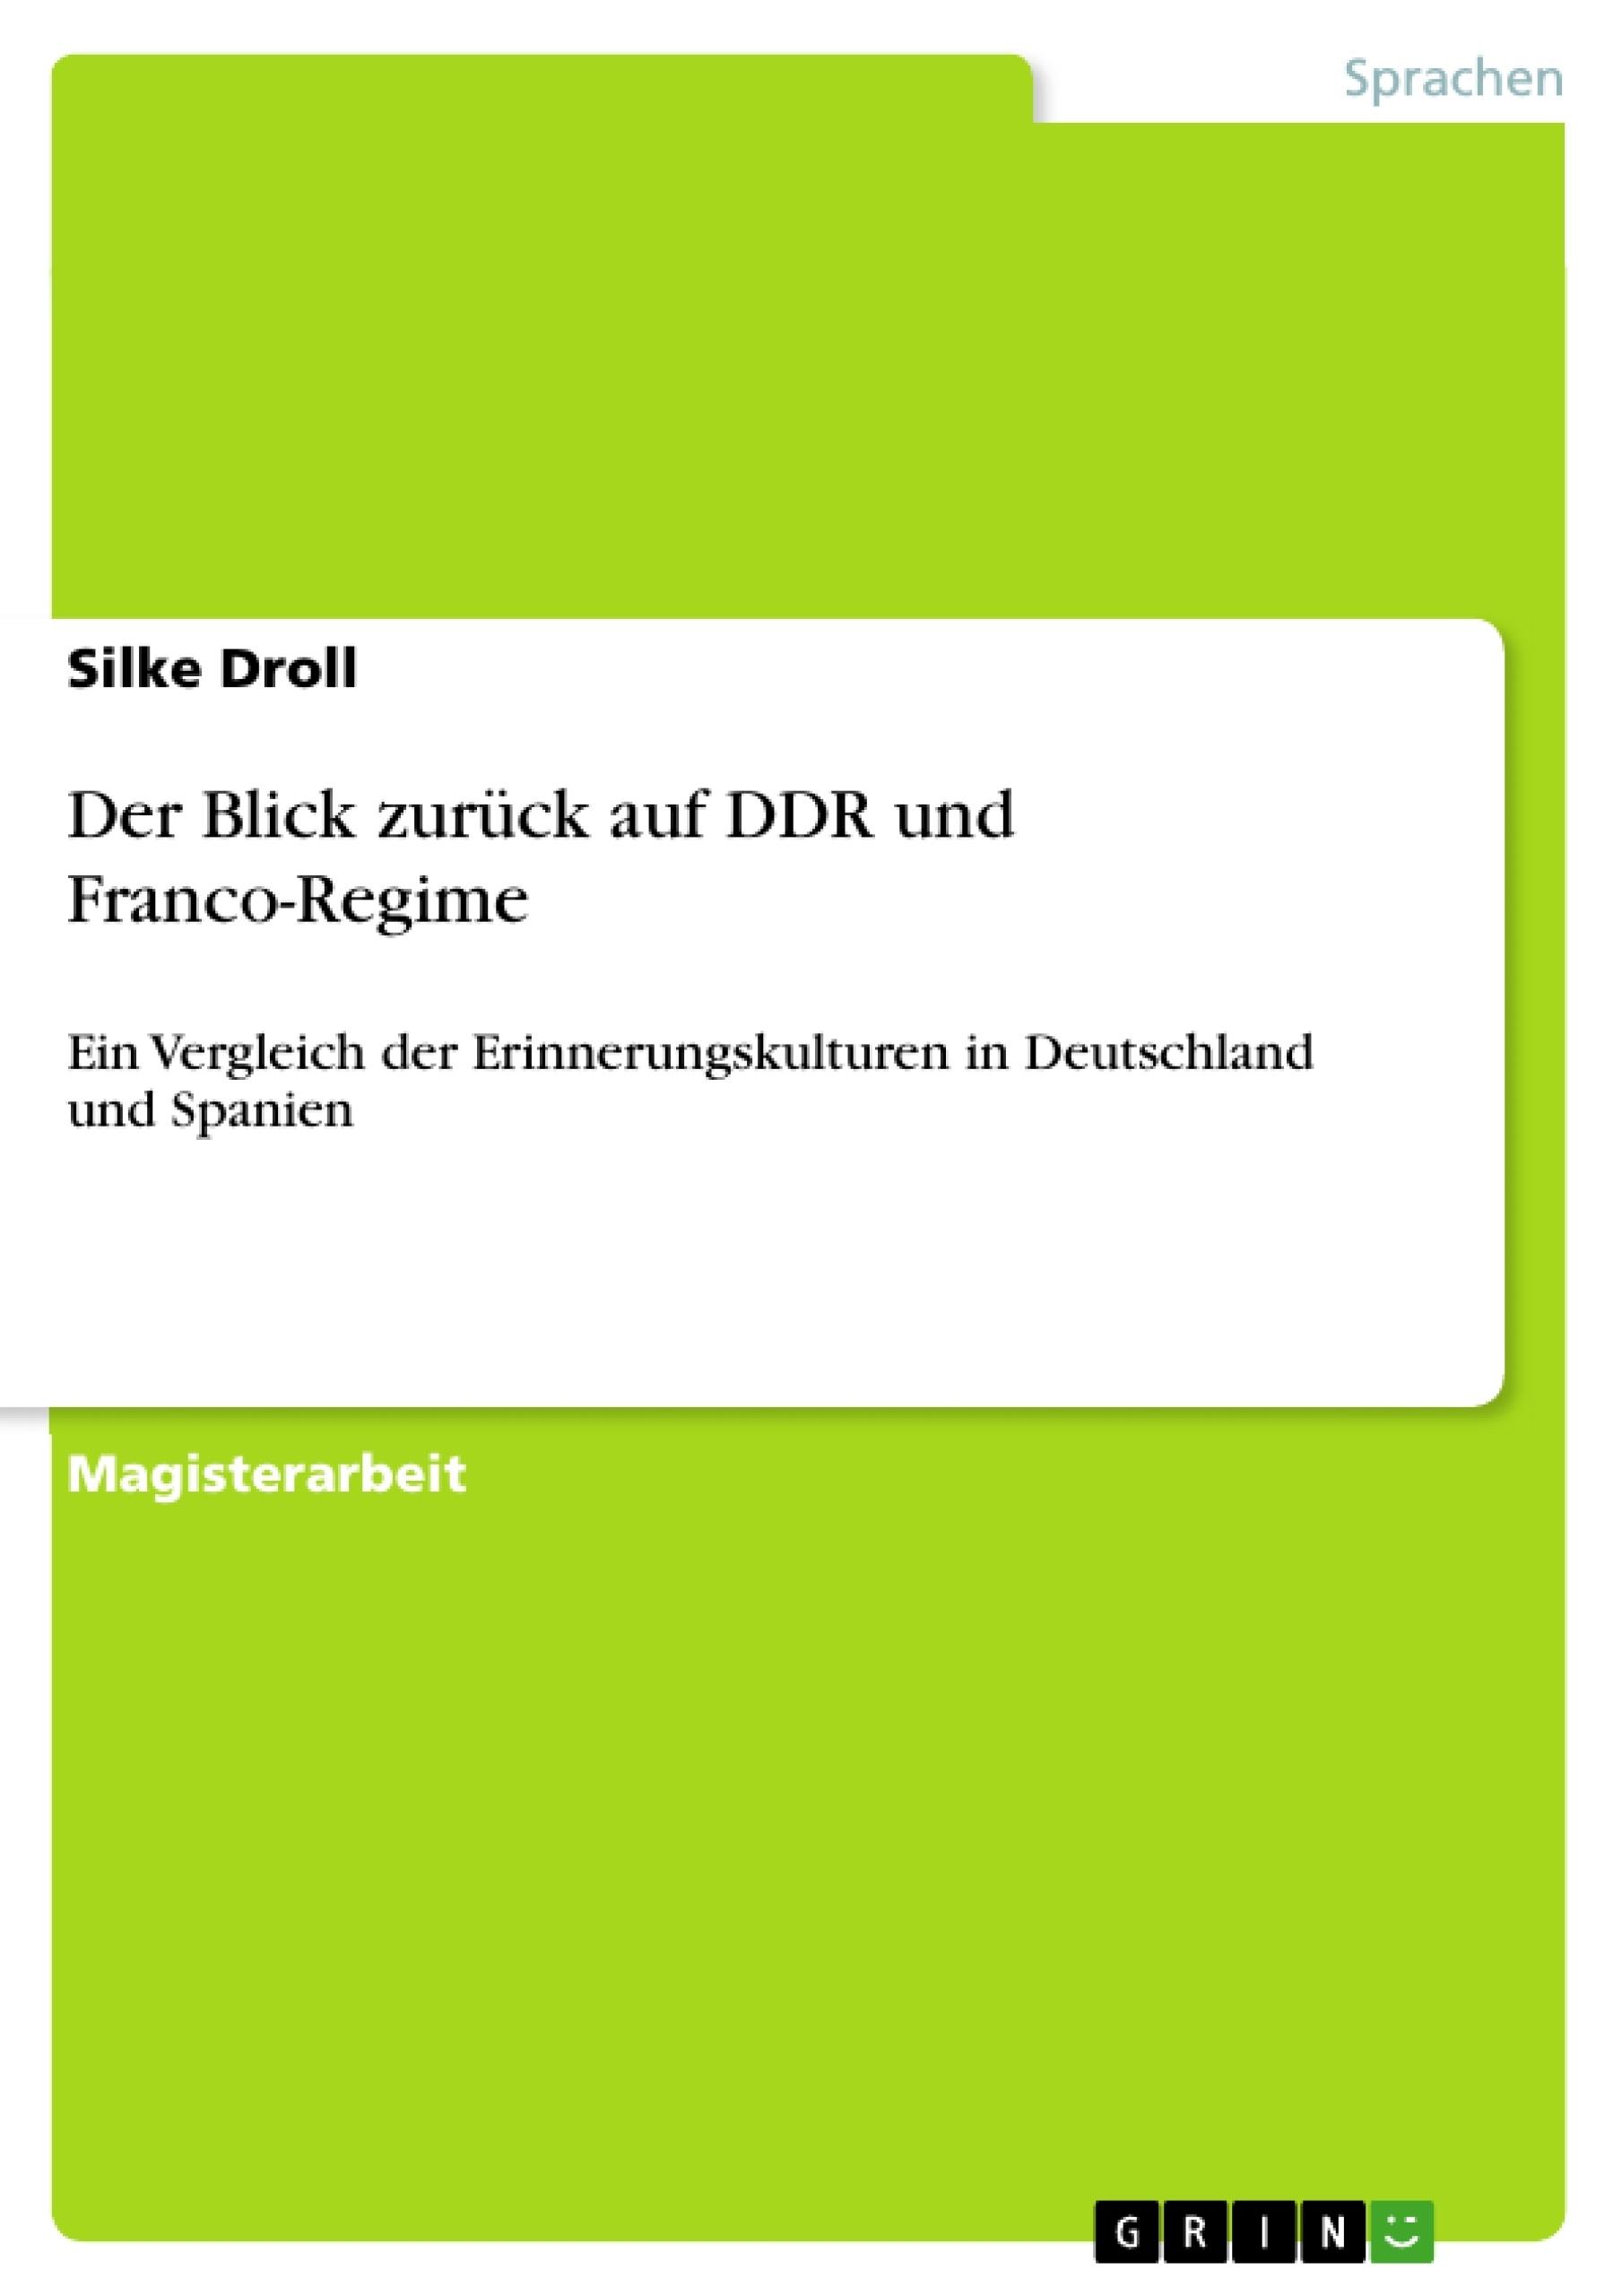 Titel: Der Blick zurück auf DDR und Franco-Regime